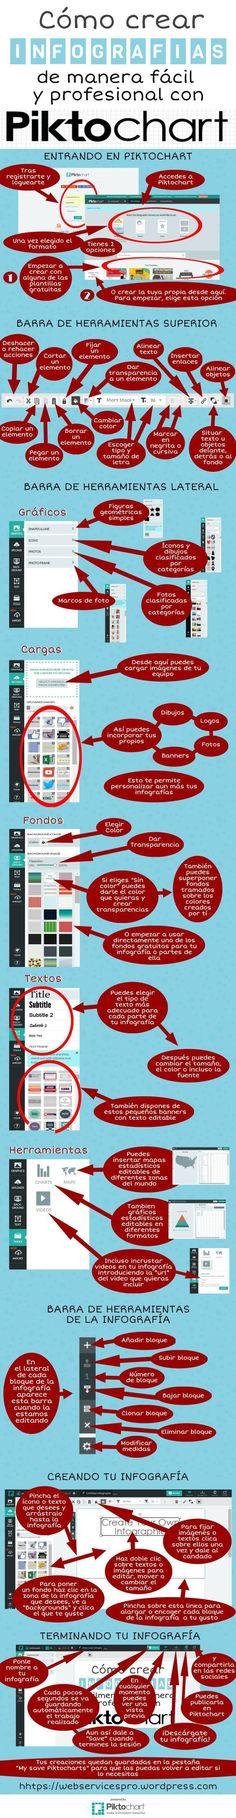 Cómo crear infografías con Piktochart #infografia #infographic #socialmedia | TICs y Formación #infografias #infographic